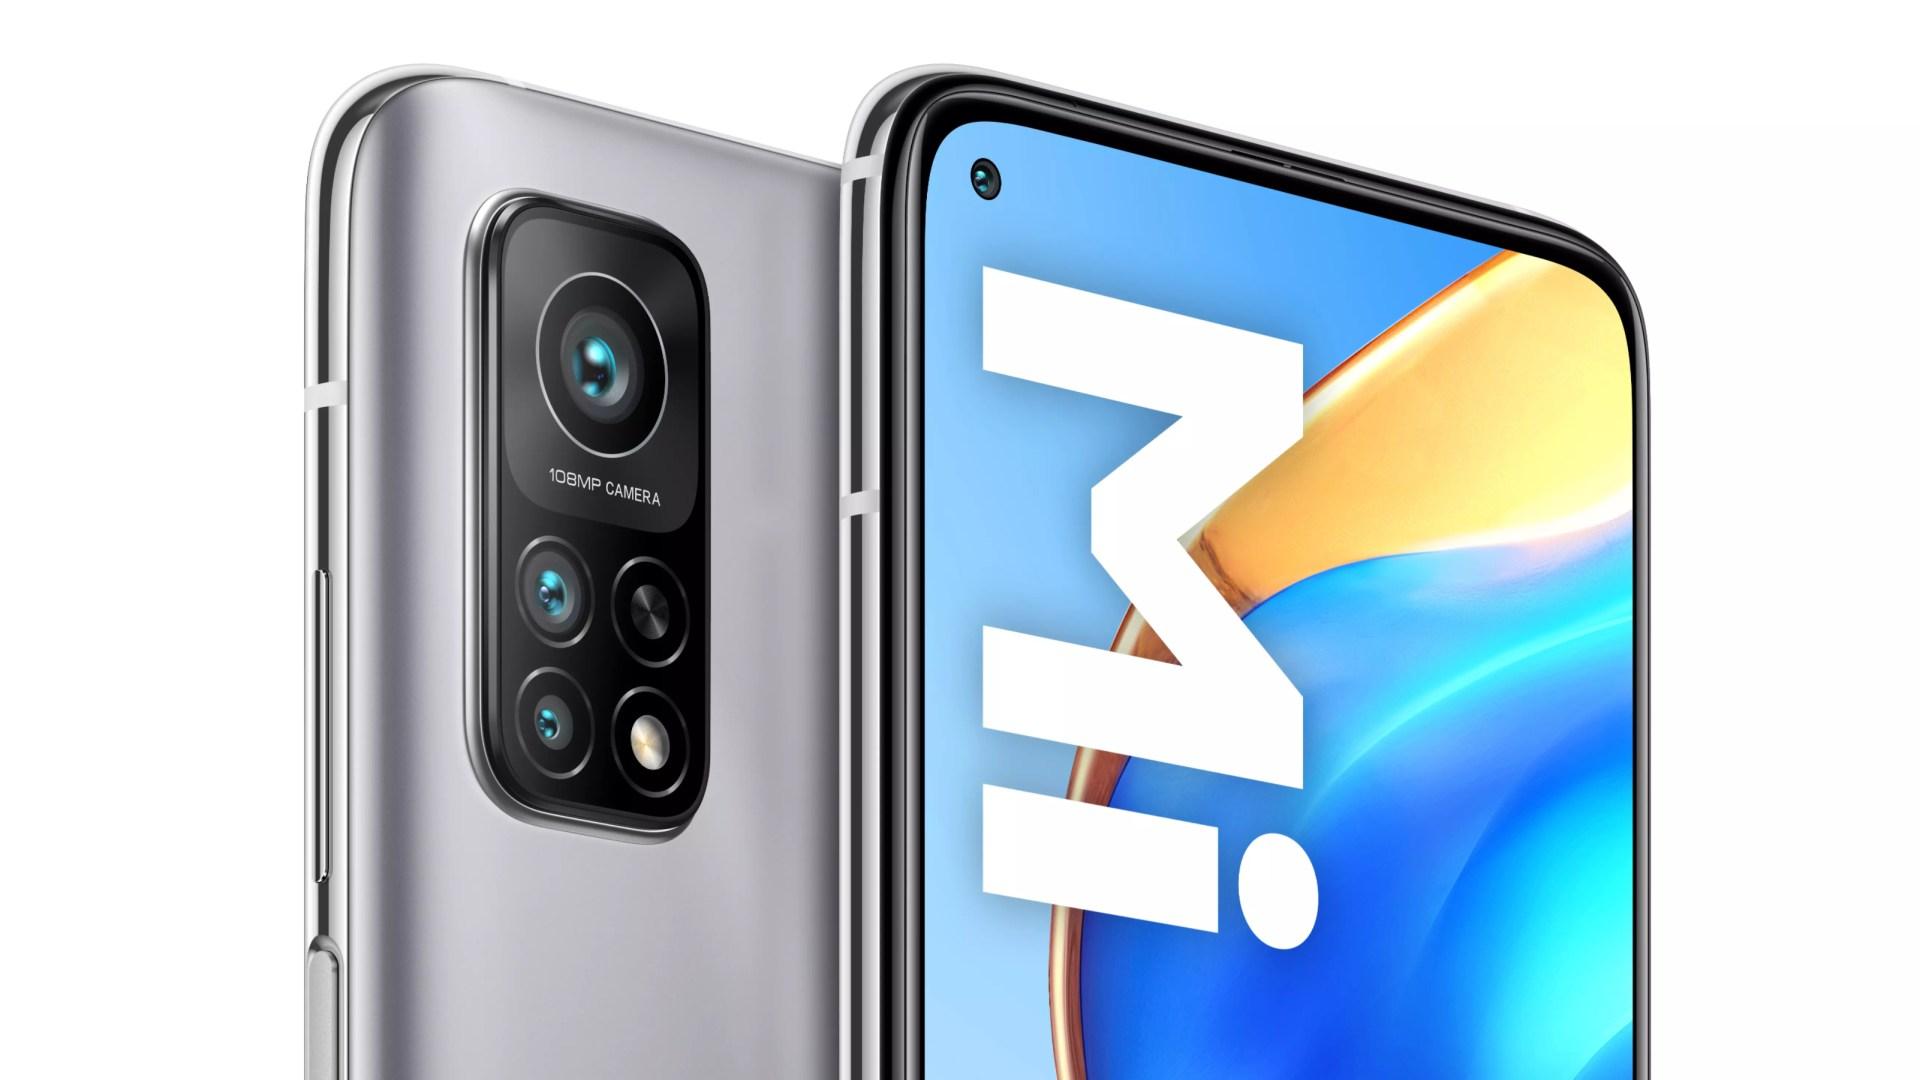 Smartphone, Xiaomi, Xiaomi Mi 10T Pro, Mi 10T